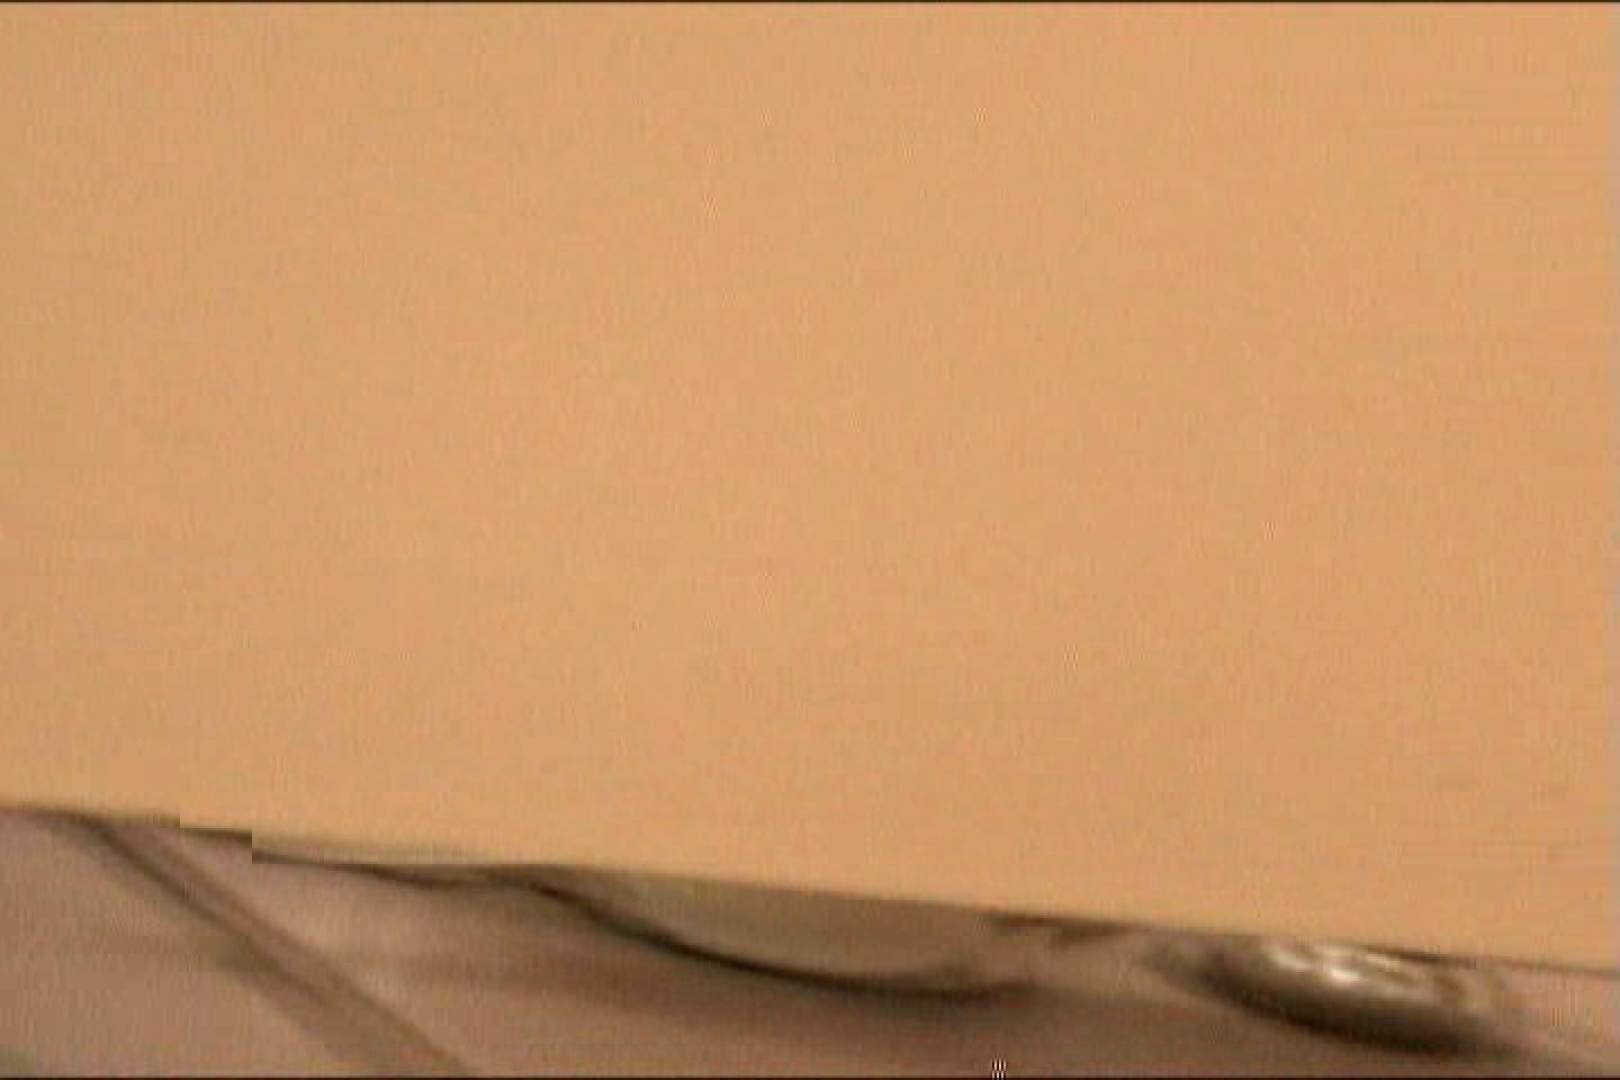 マンコ丸見え女子洗面所Vol.6 洗面所突入 盗み撮り動画キャプチャ 98pic 46